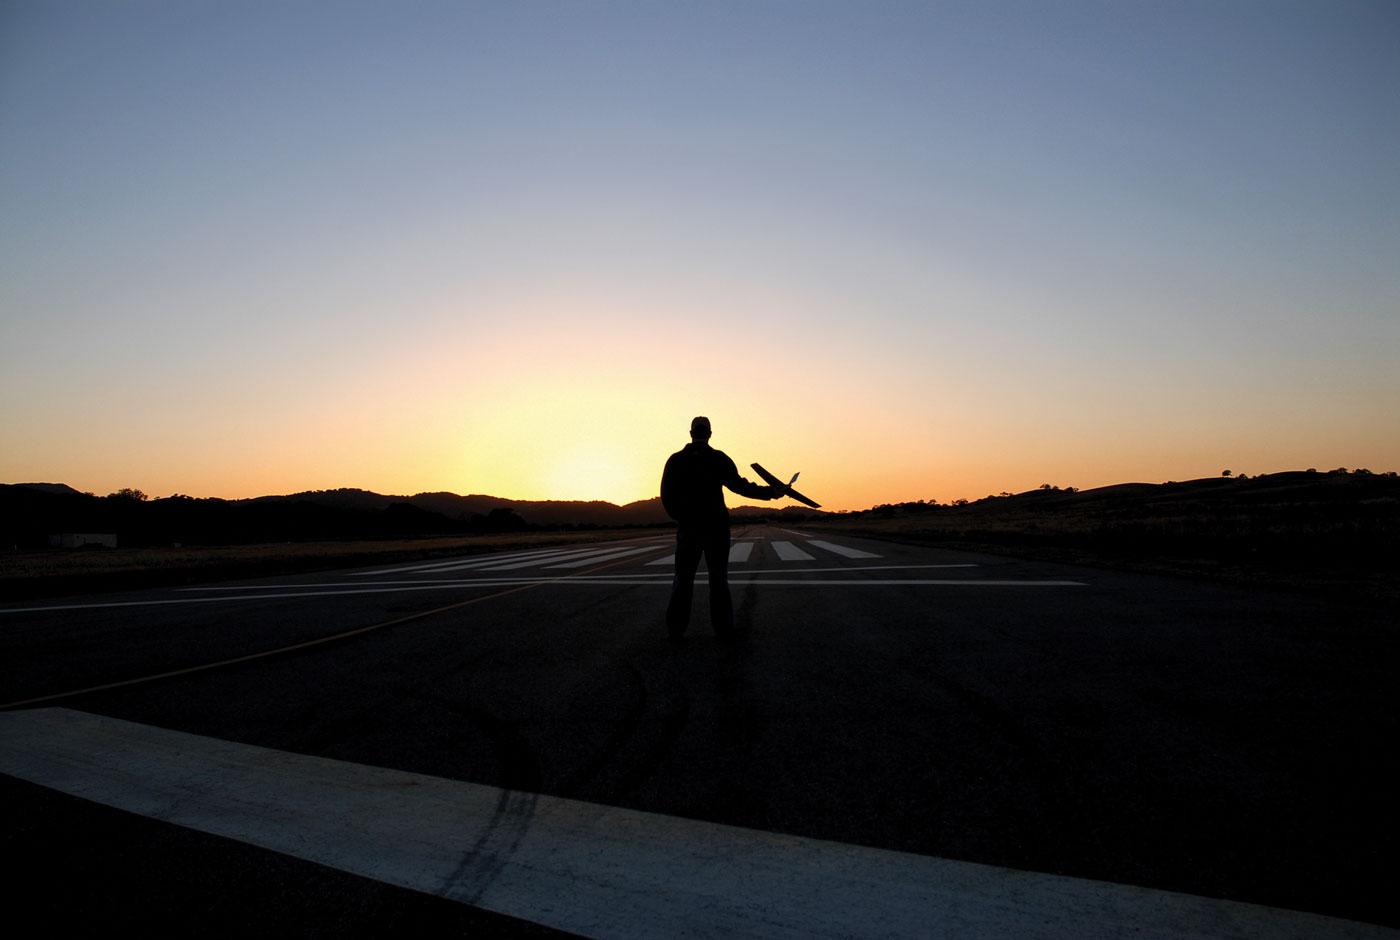 Многие из беспилотных летательных аппаратов, включая «Осу» (Wasp), можно перевозить в рюкзаке и запускать почти из любого места на земле